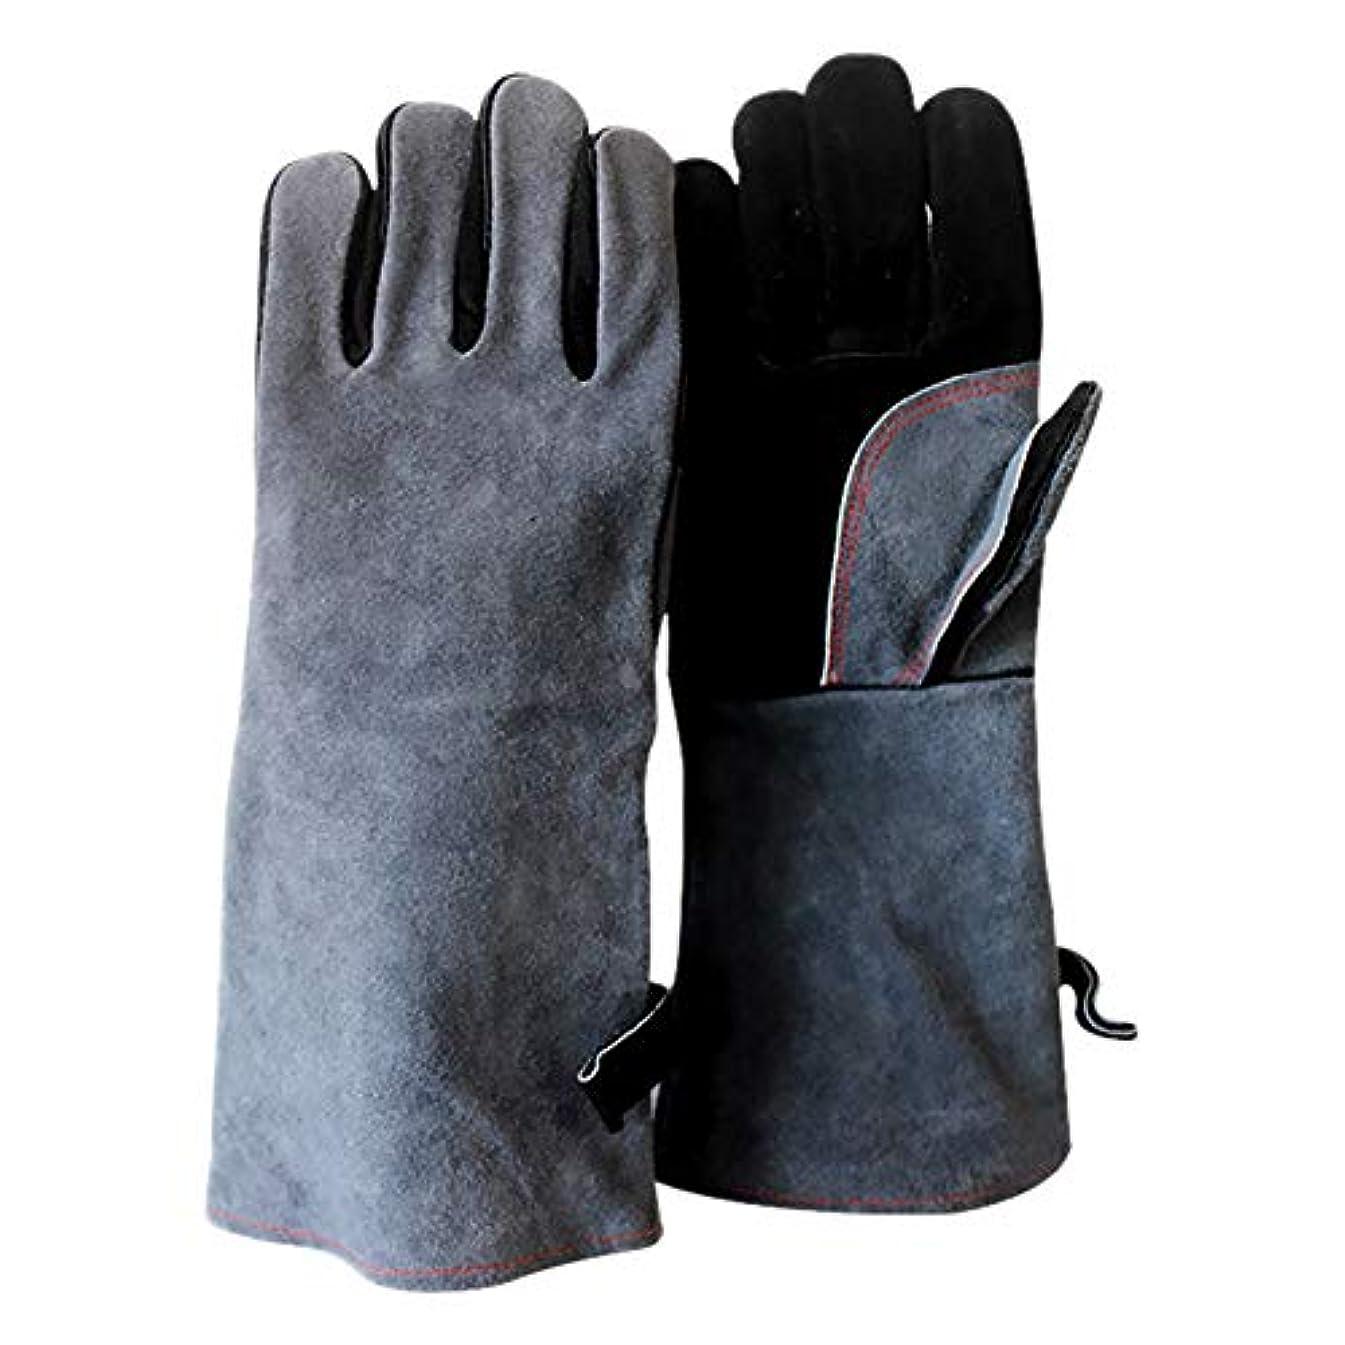 分岐するもしお手入れLiTi 耐熱グローブ BBQ 作業用手袋 焚き火台 溶接 五本指 バーベキュー 手袋 クッキンググローブ